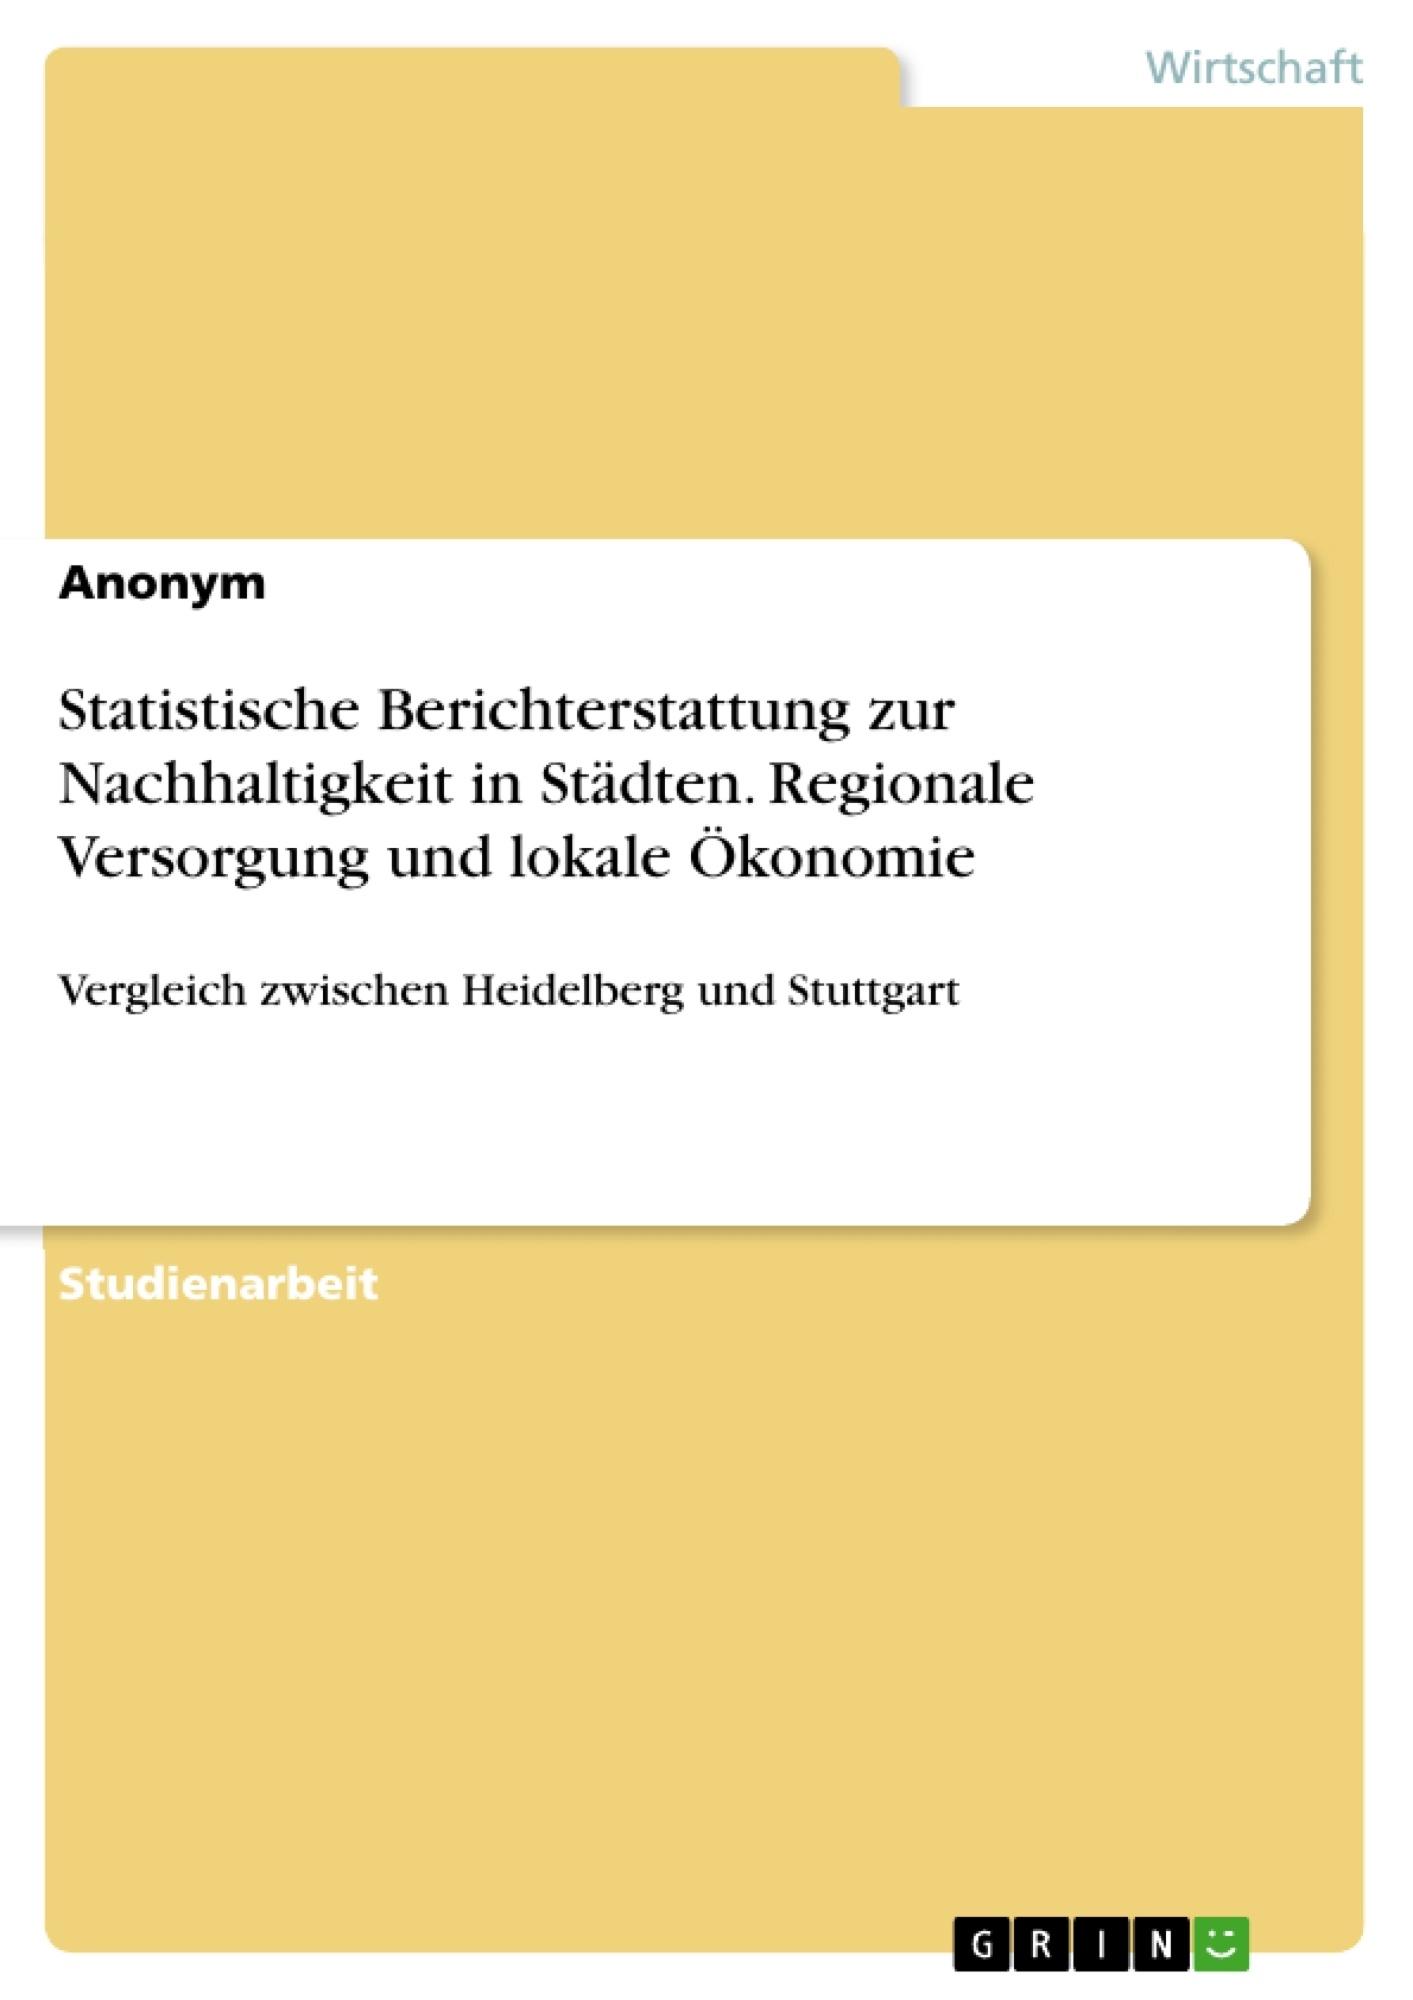 Titel: Statistische Berichterstattung zur Nachhaltigkeit in Städten. Regionale Versorgung und lokale Ökonomie